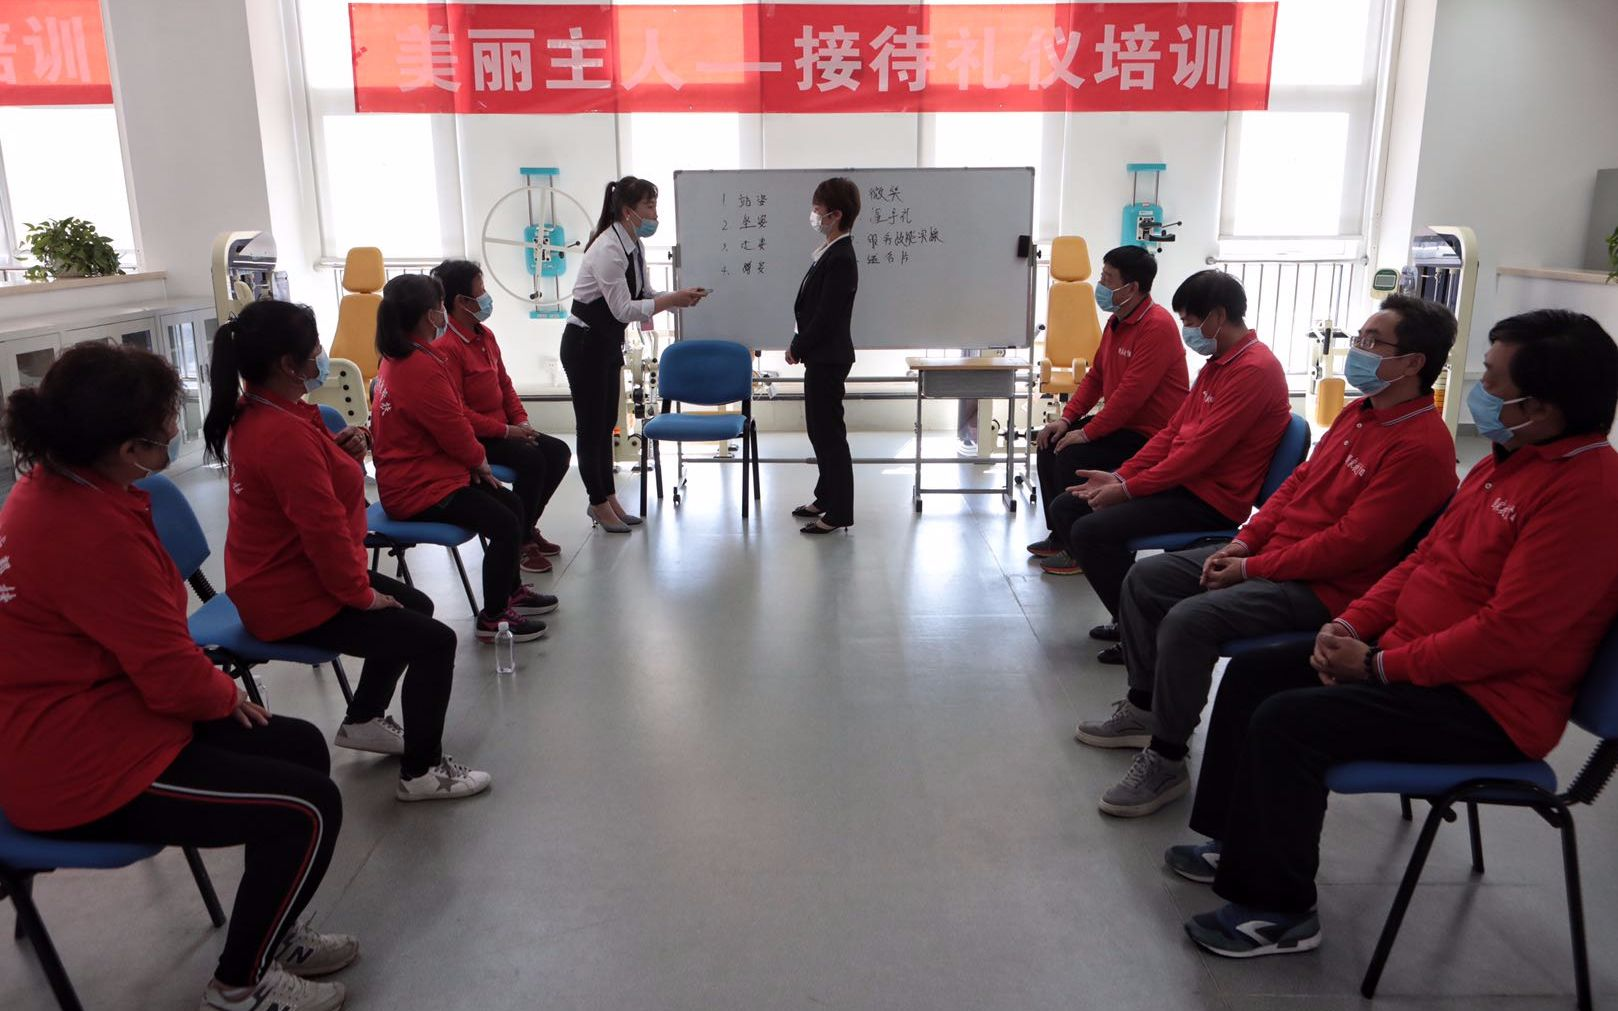 受帮扶区域的一些市民担当了欢迎礼节培训。拍照/新京报记者 王嘉宁